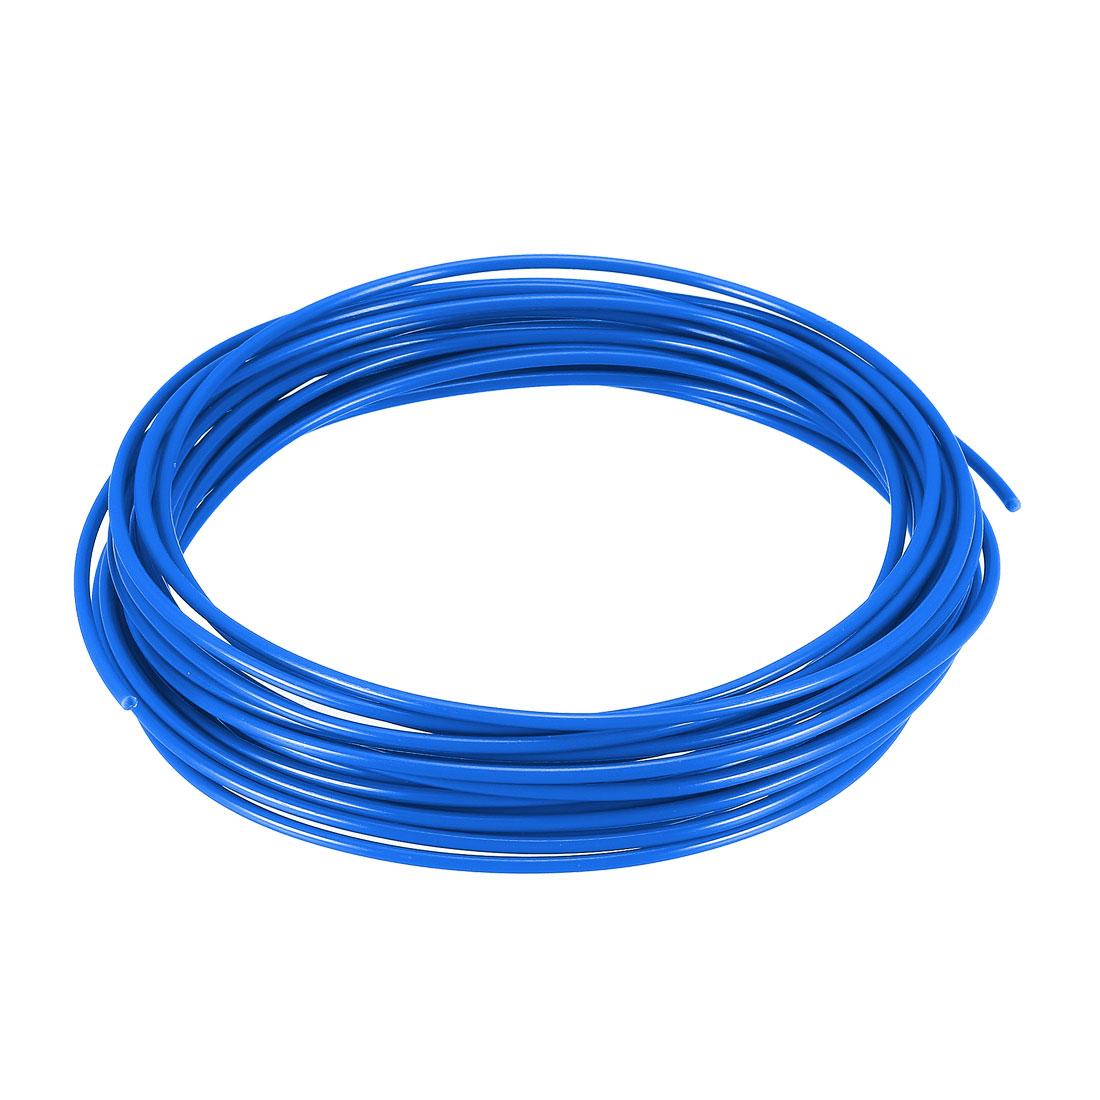 5 Meter/16 Ft PLA 3D Pen/3D Printer Filament, 1.75 mm Sky Blue